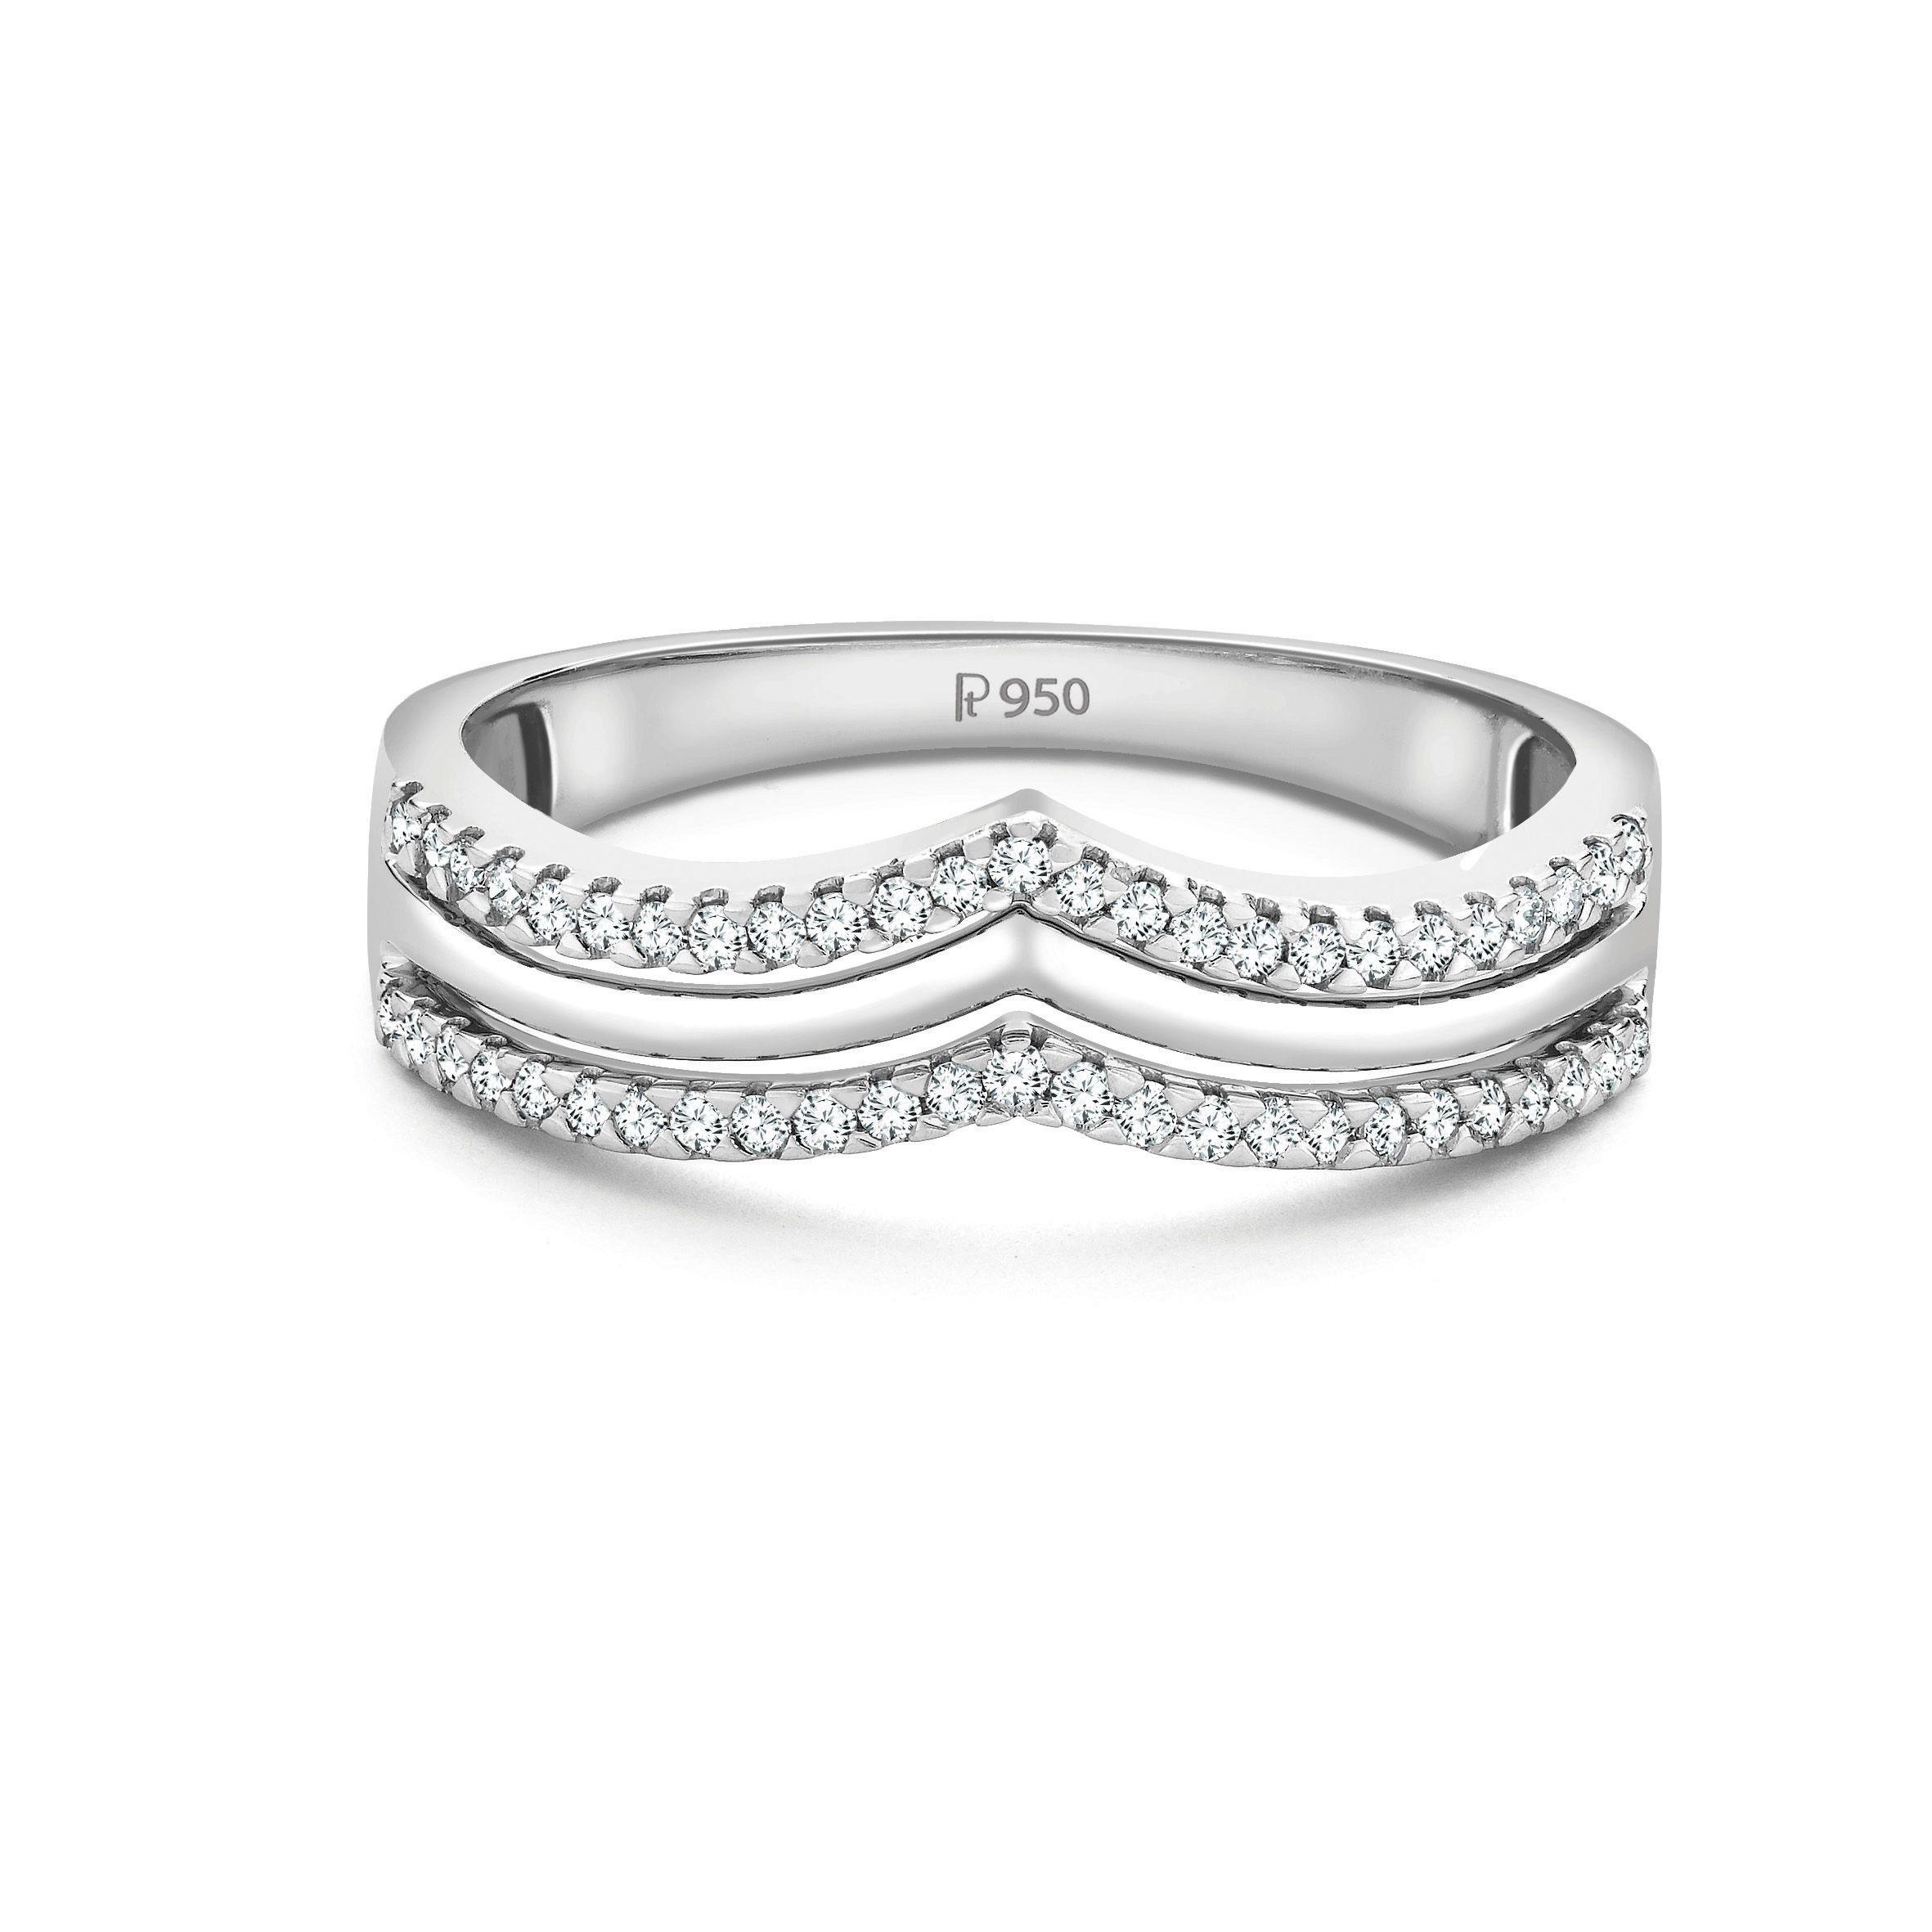 Platinum Engagement Band Platinum jewelry, Platinum ring